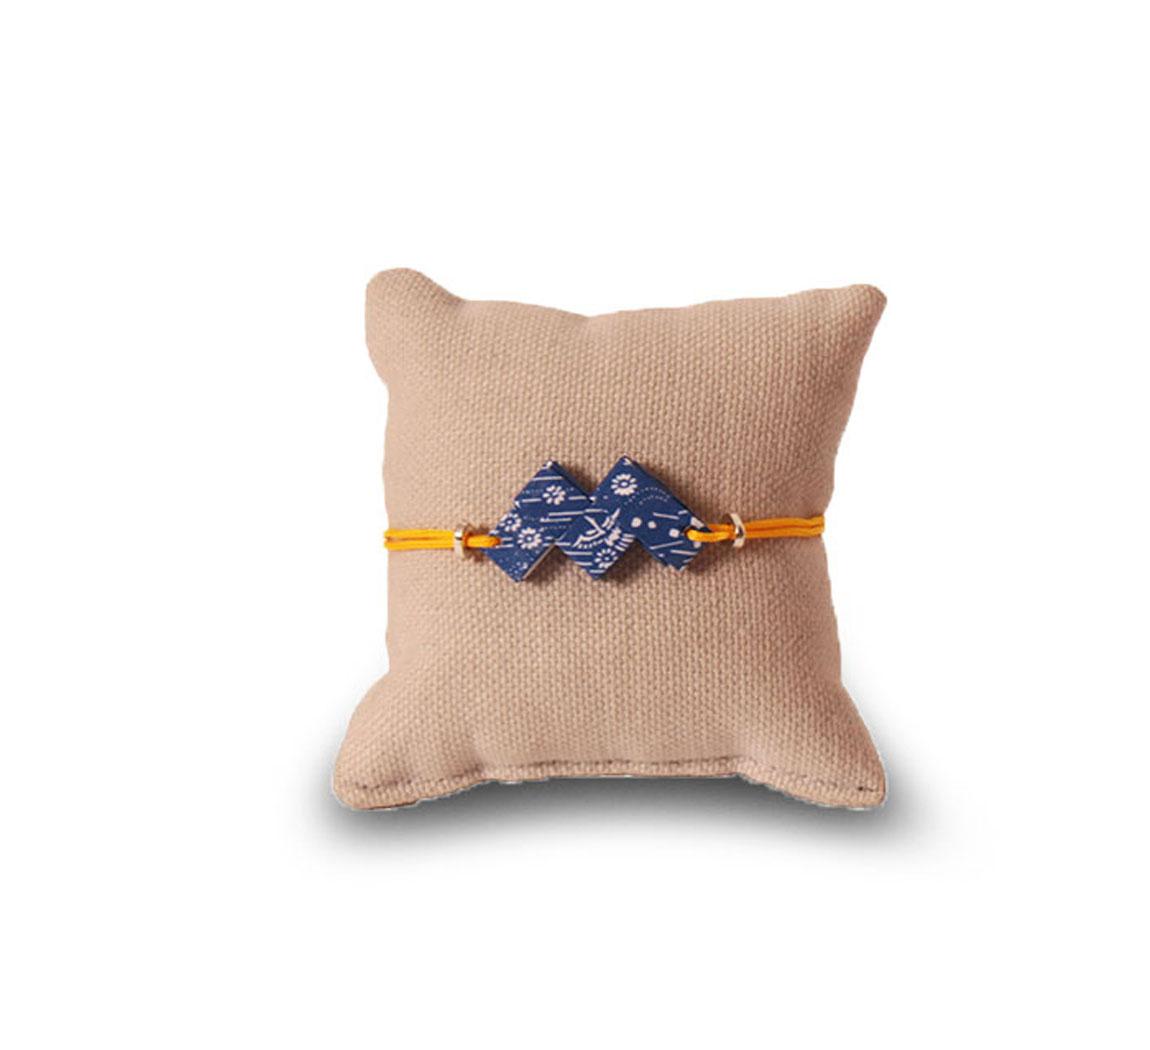 Bijoux femme Bracelets Coulissants